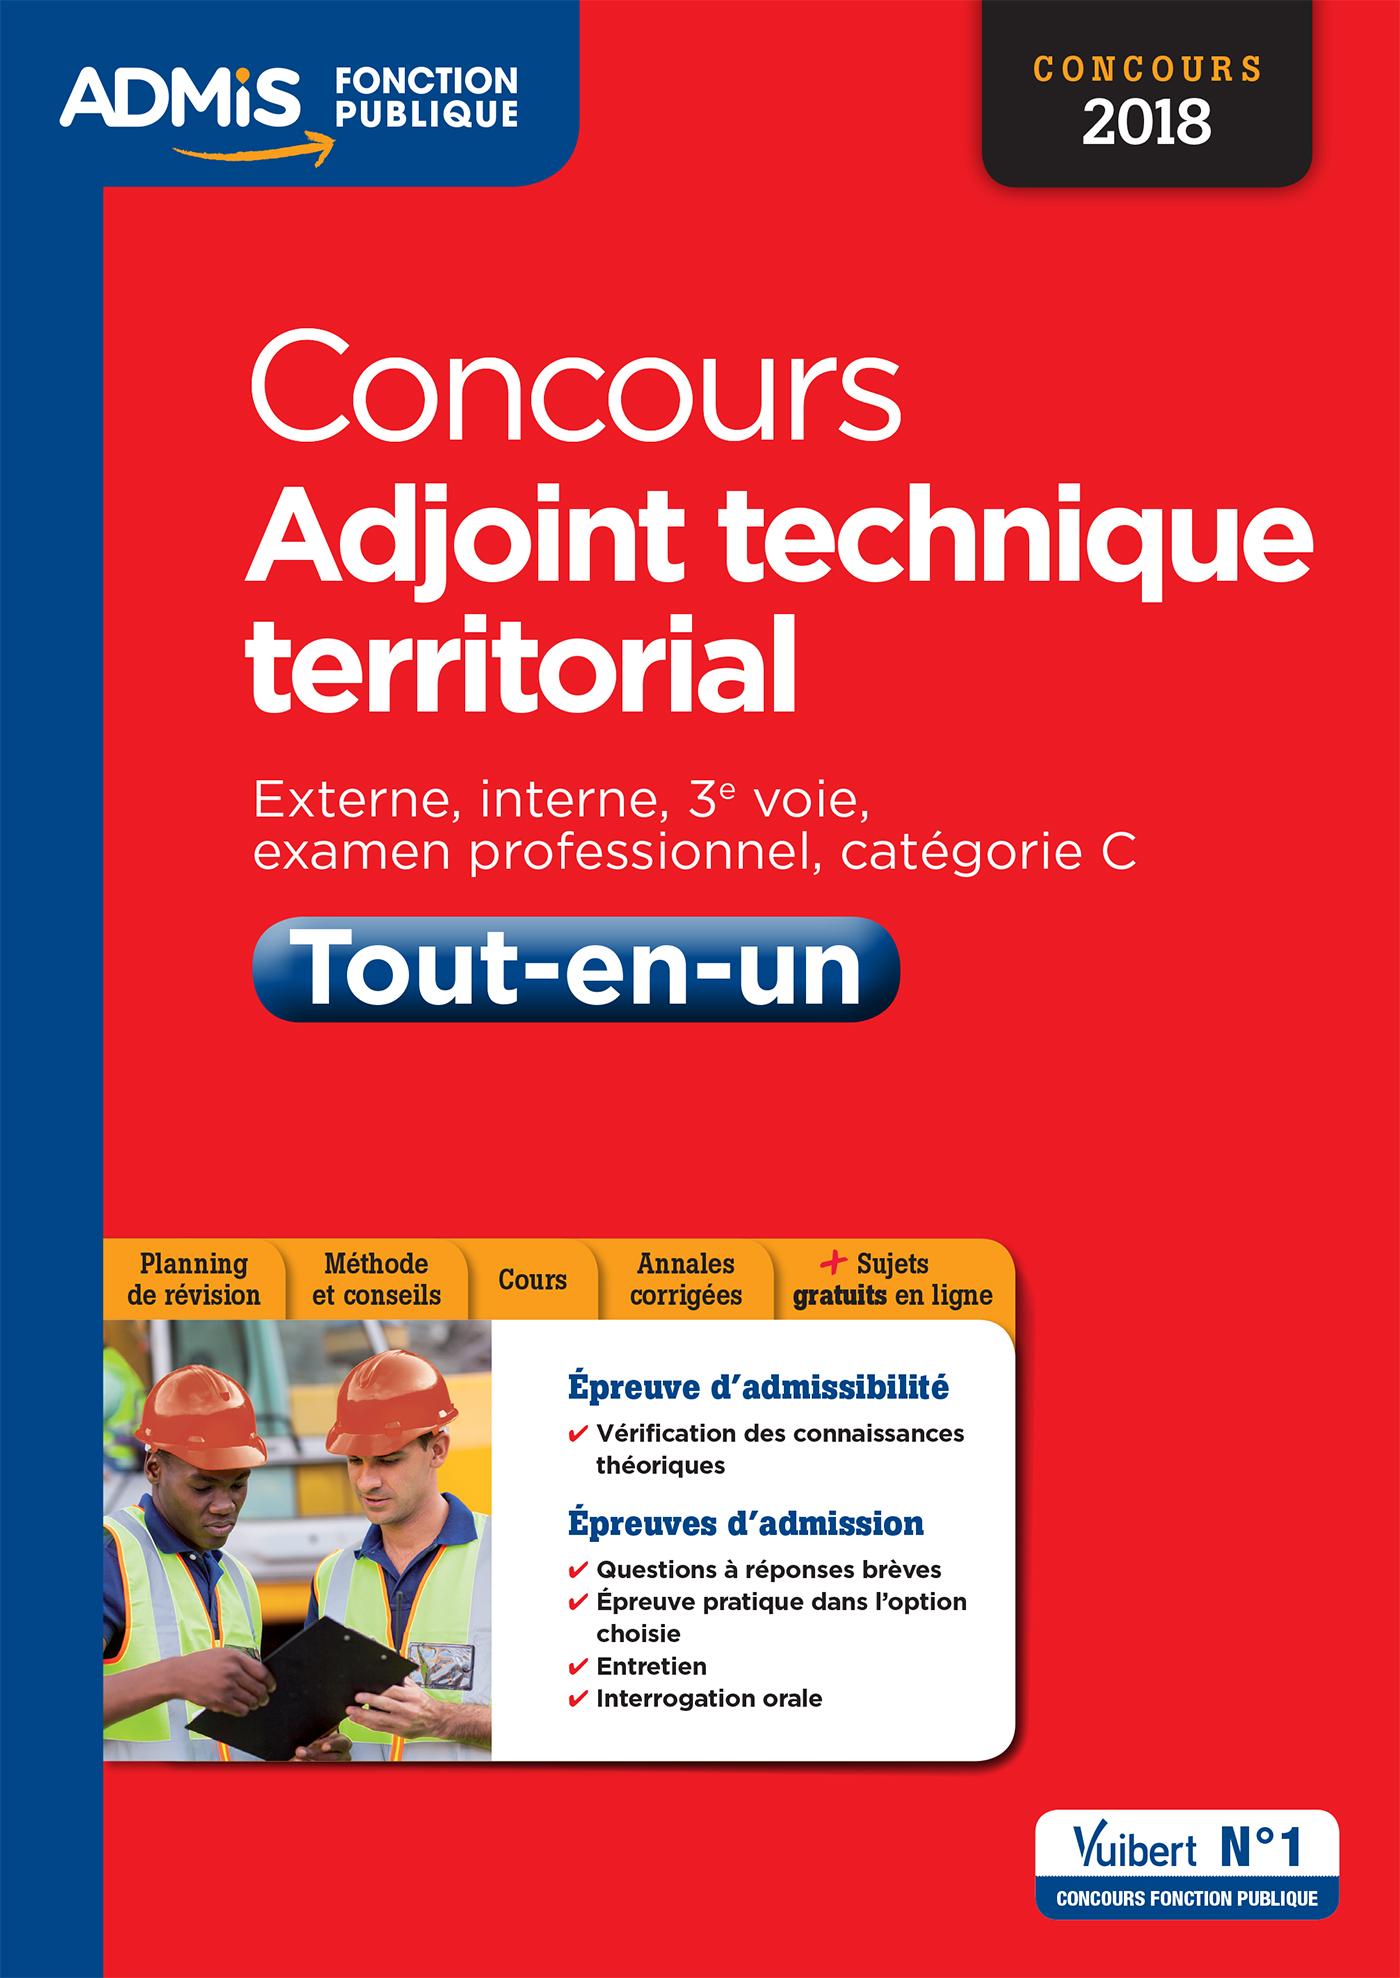 27fa74234a6 Concours Adjoint technique territorial - Catégorie C - Tout-en-un ...